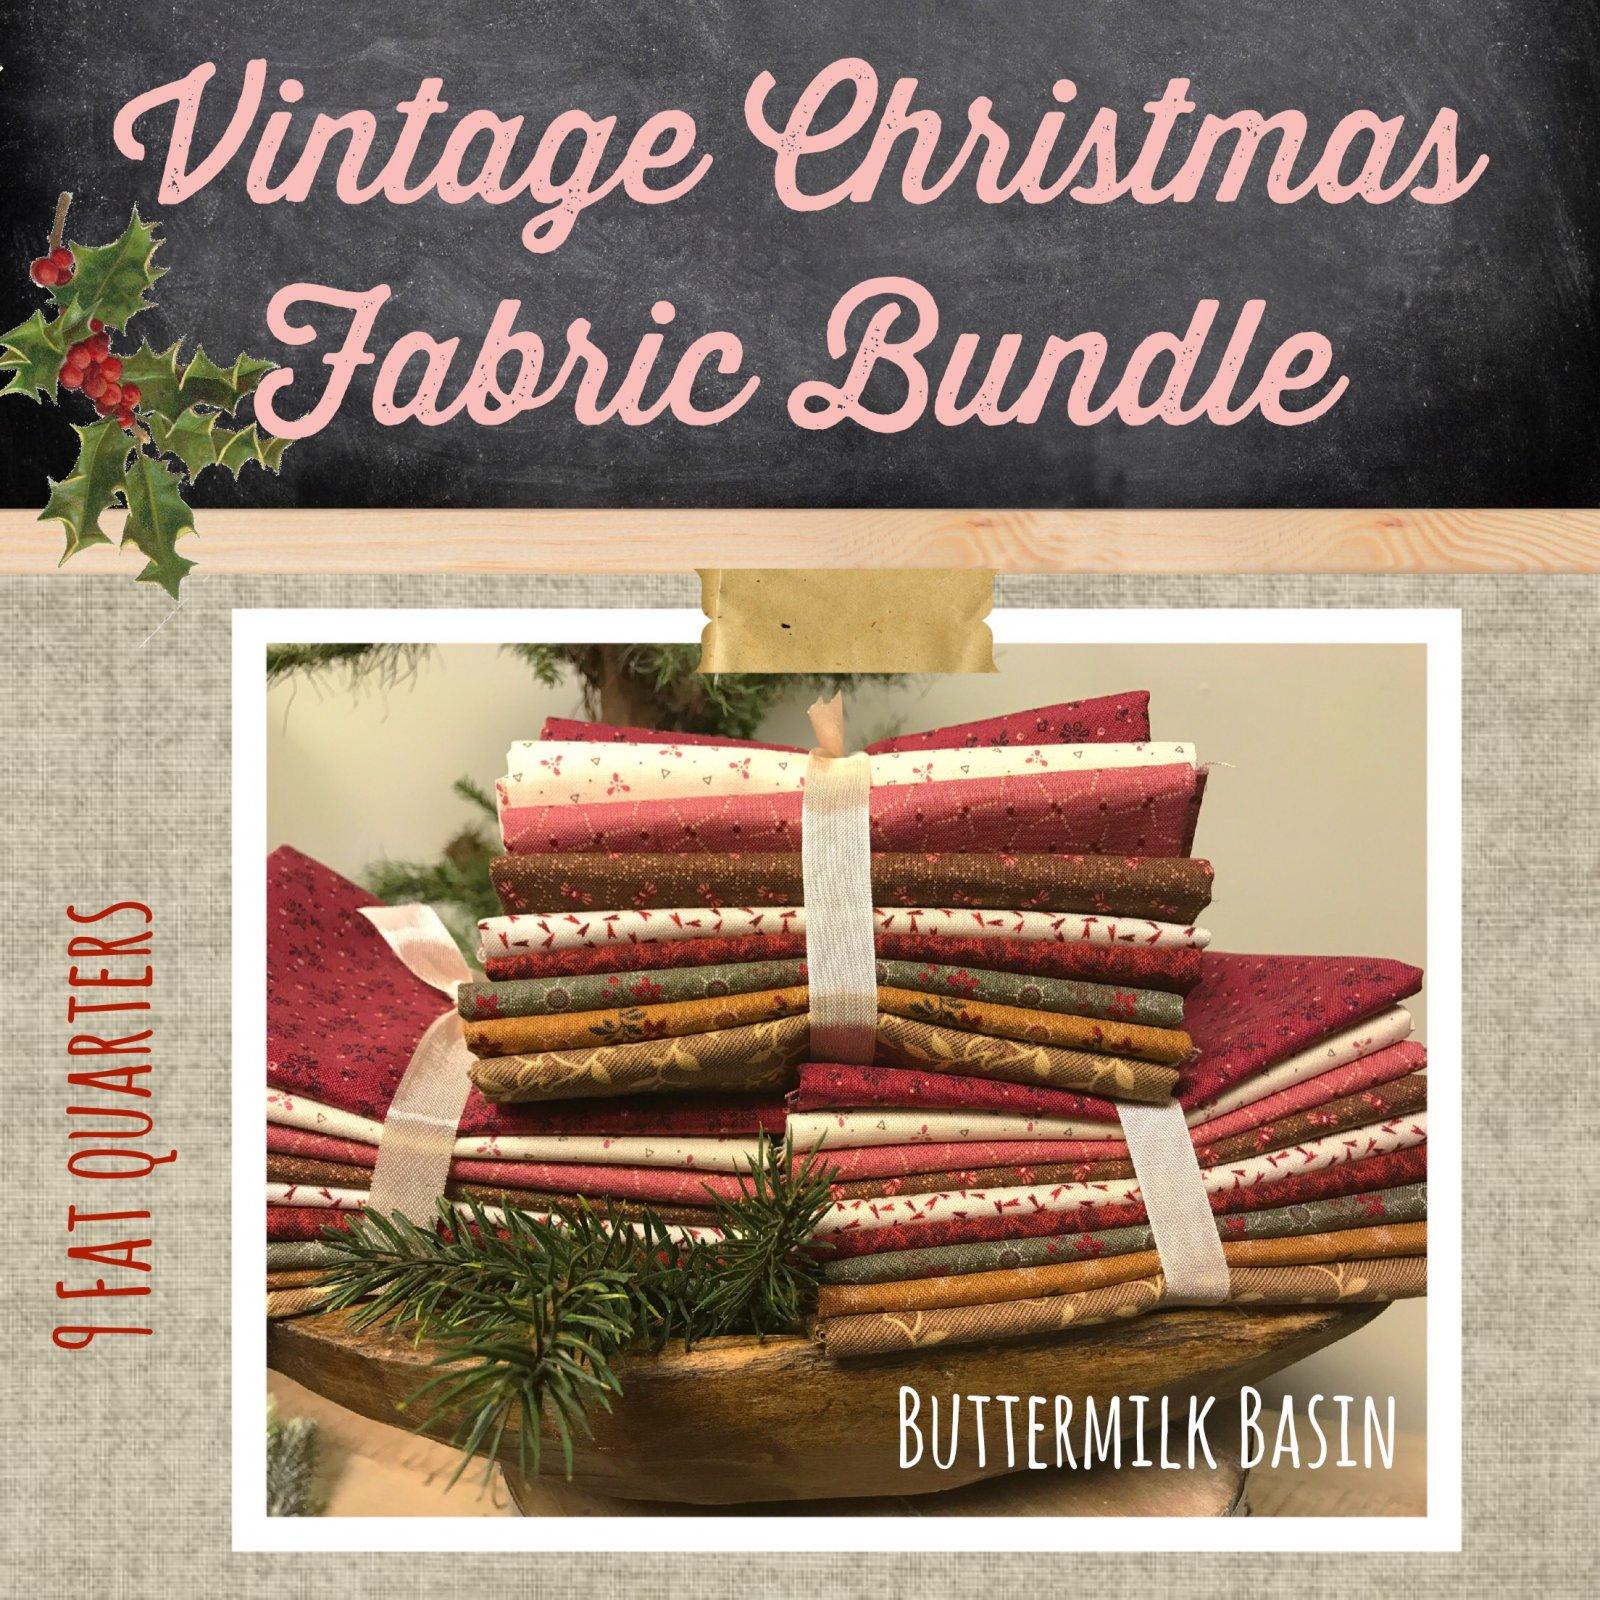 fabric_bundle_vintage_christmas_xjpg - Vintage Christmas Fabric